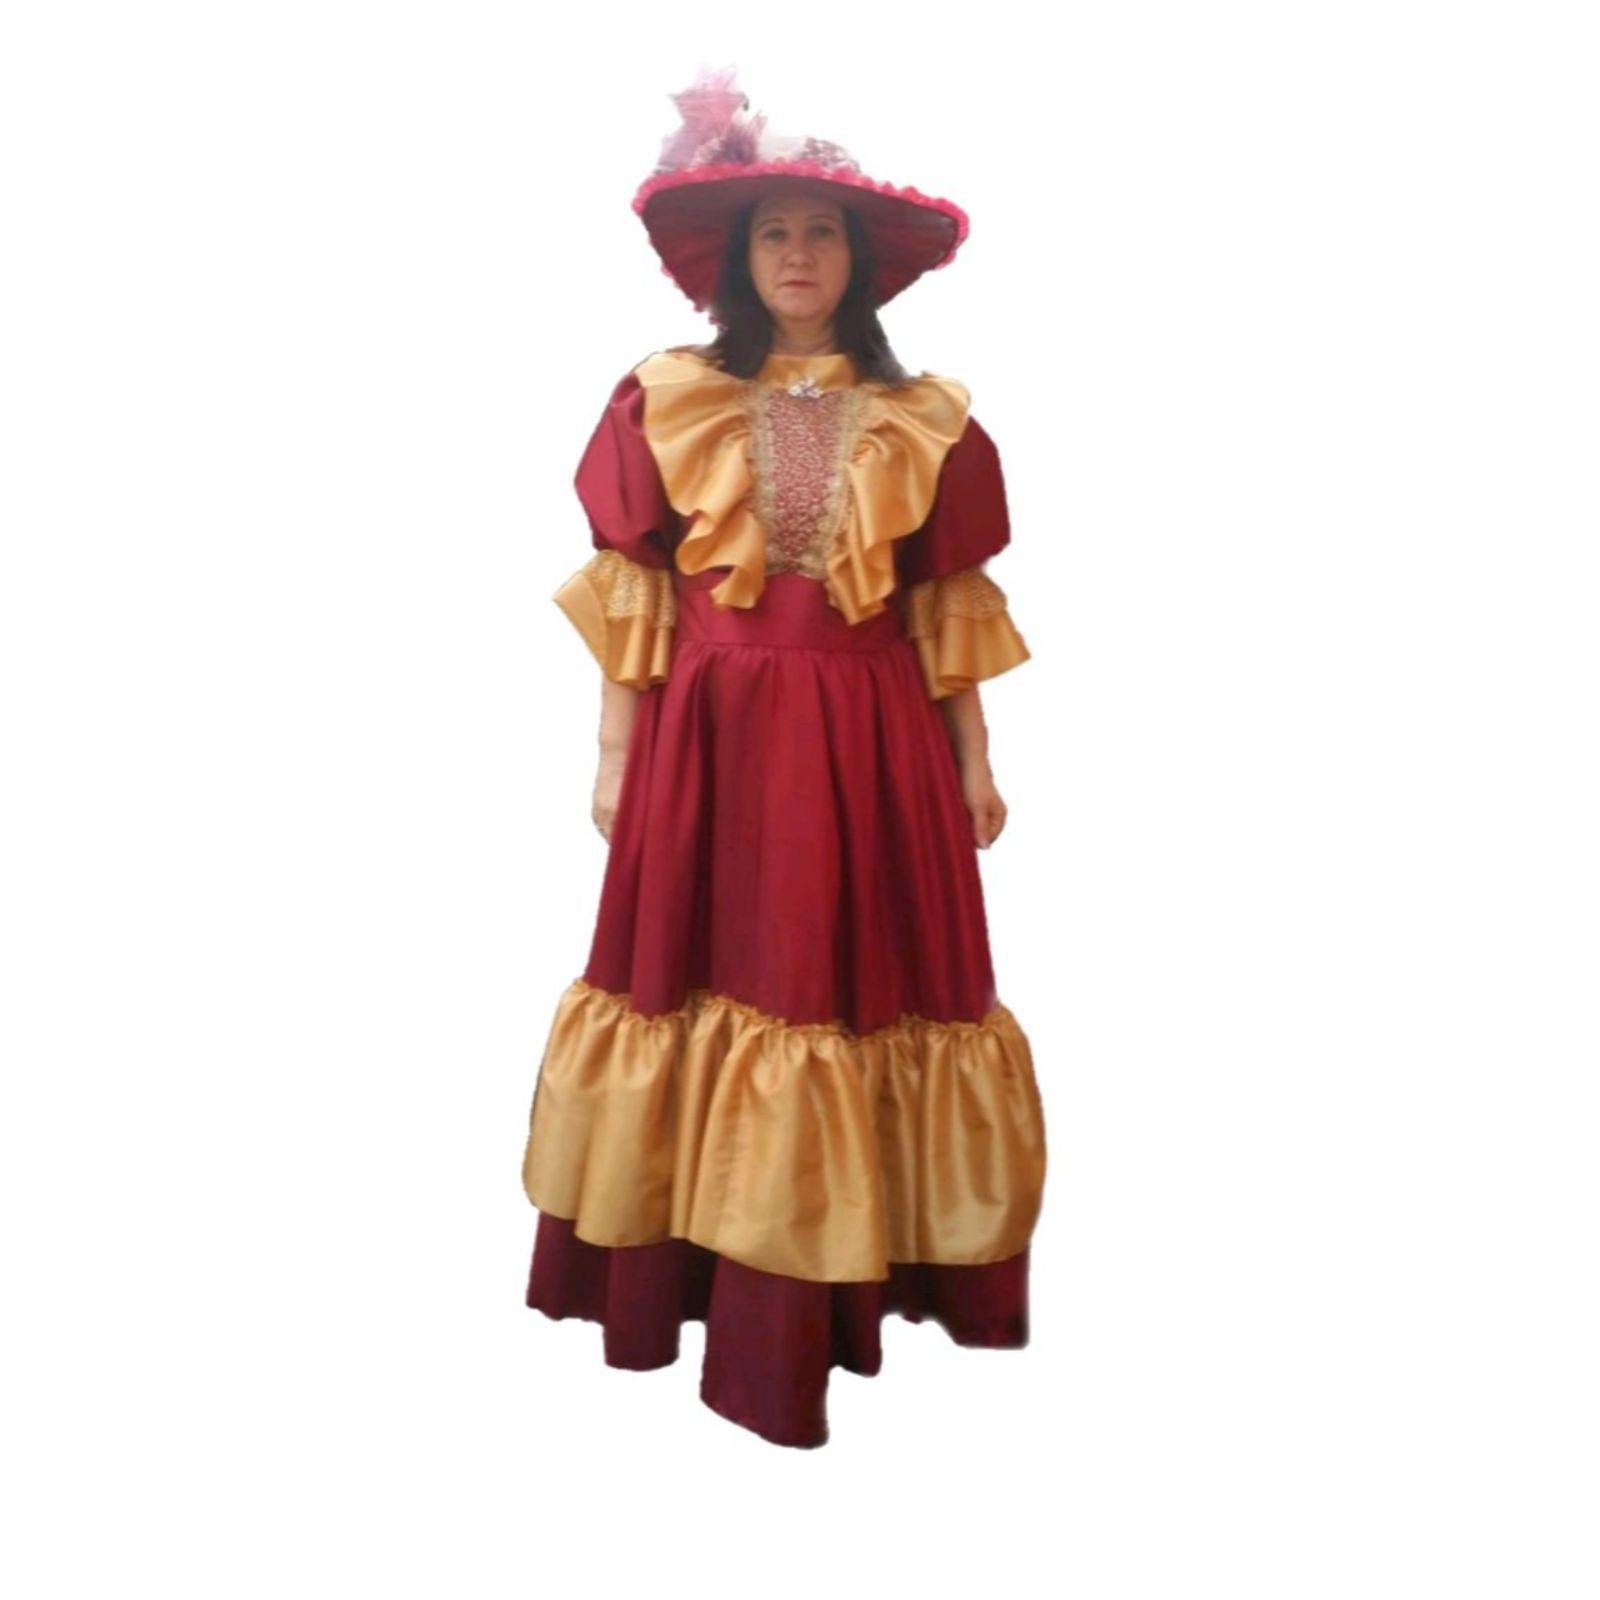 Rochiță de epocă roșu – muștar fete 1